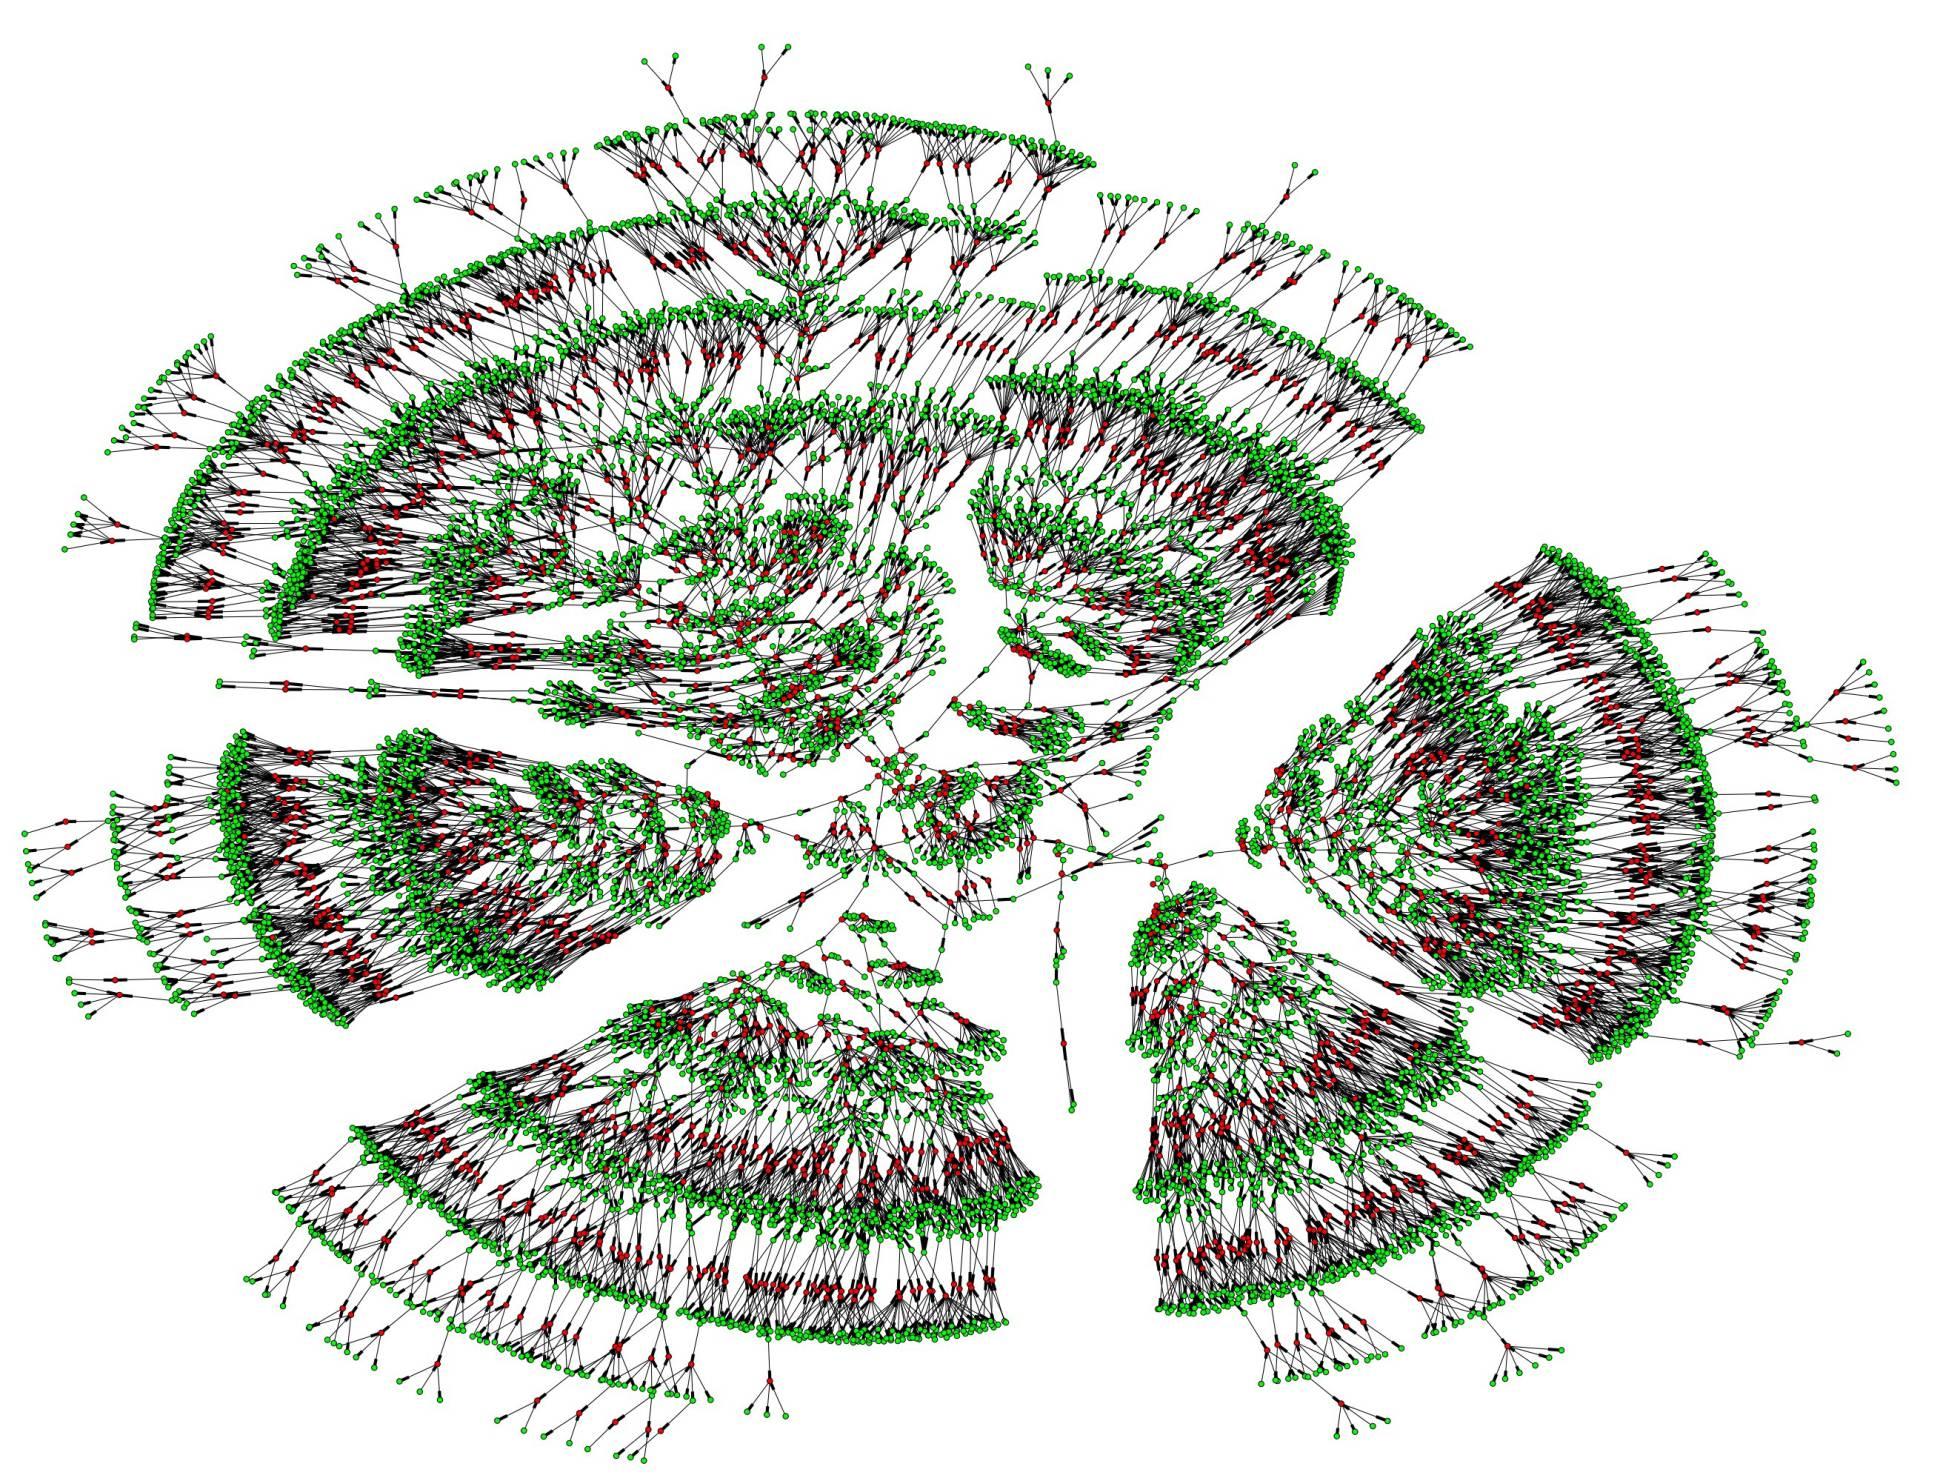 Visualização computadorizada de uma das árvores genealógicas de 6.000 pessoas, que abarca sete gerações. Os pontos verdes são indivíduos e os vermelhos são casais.